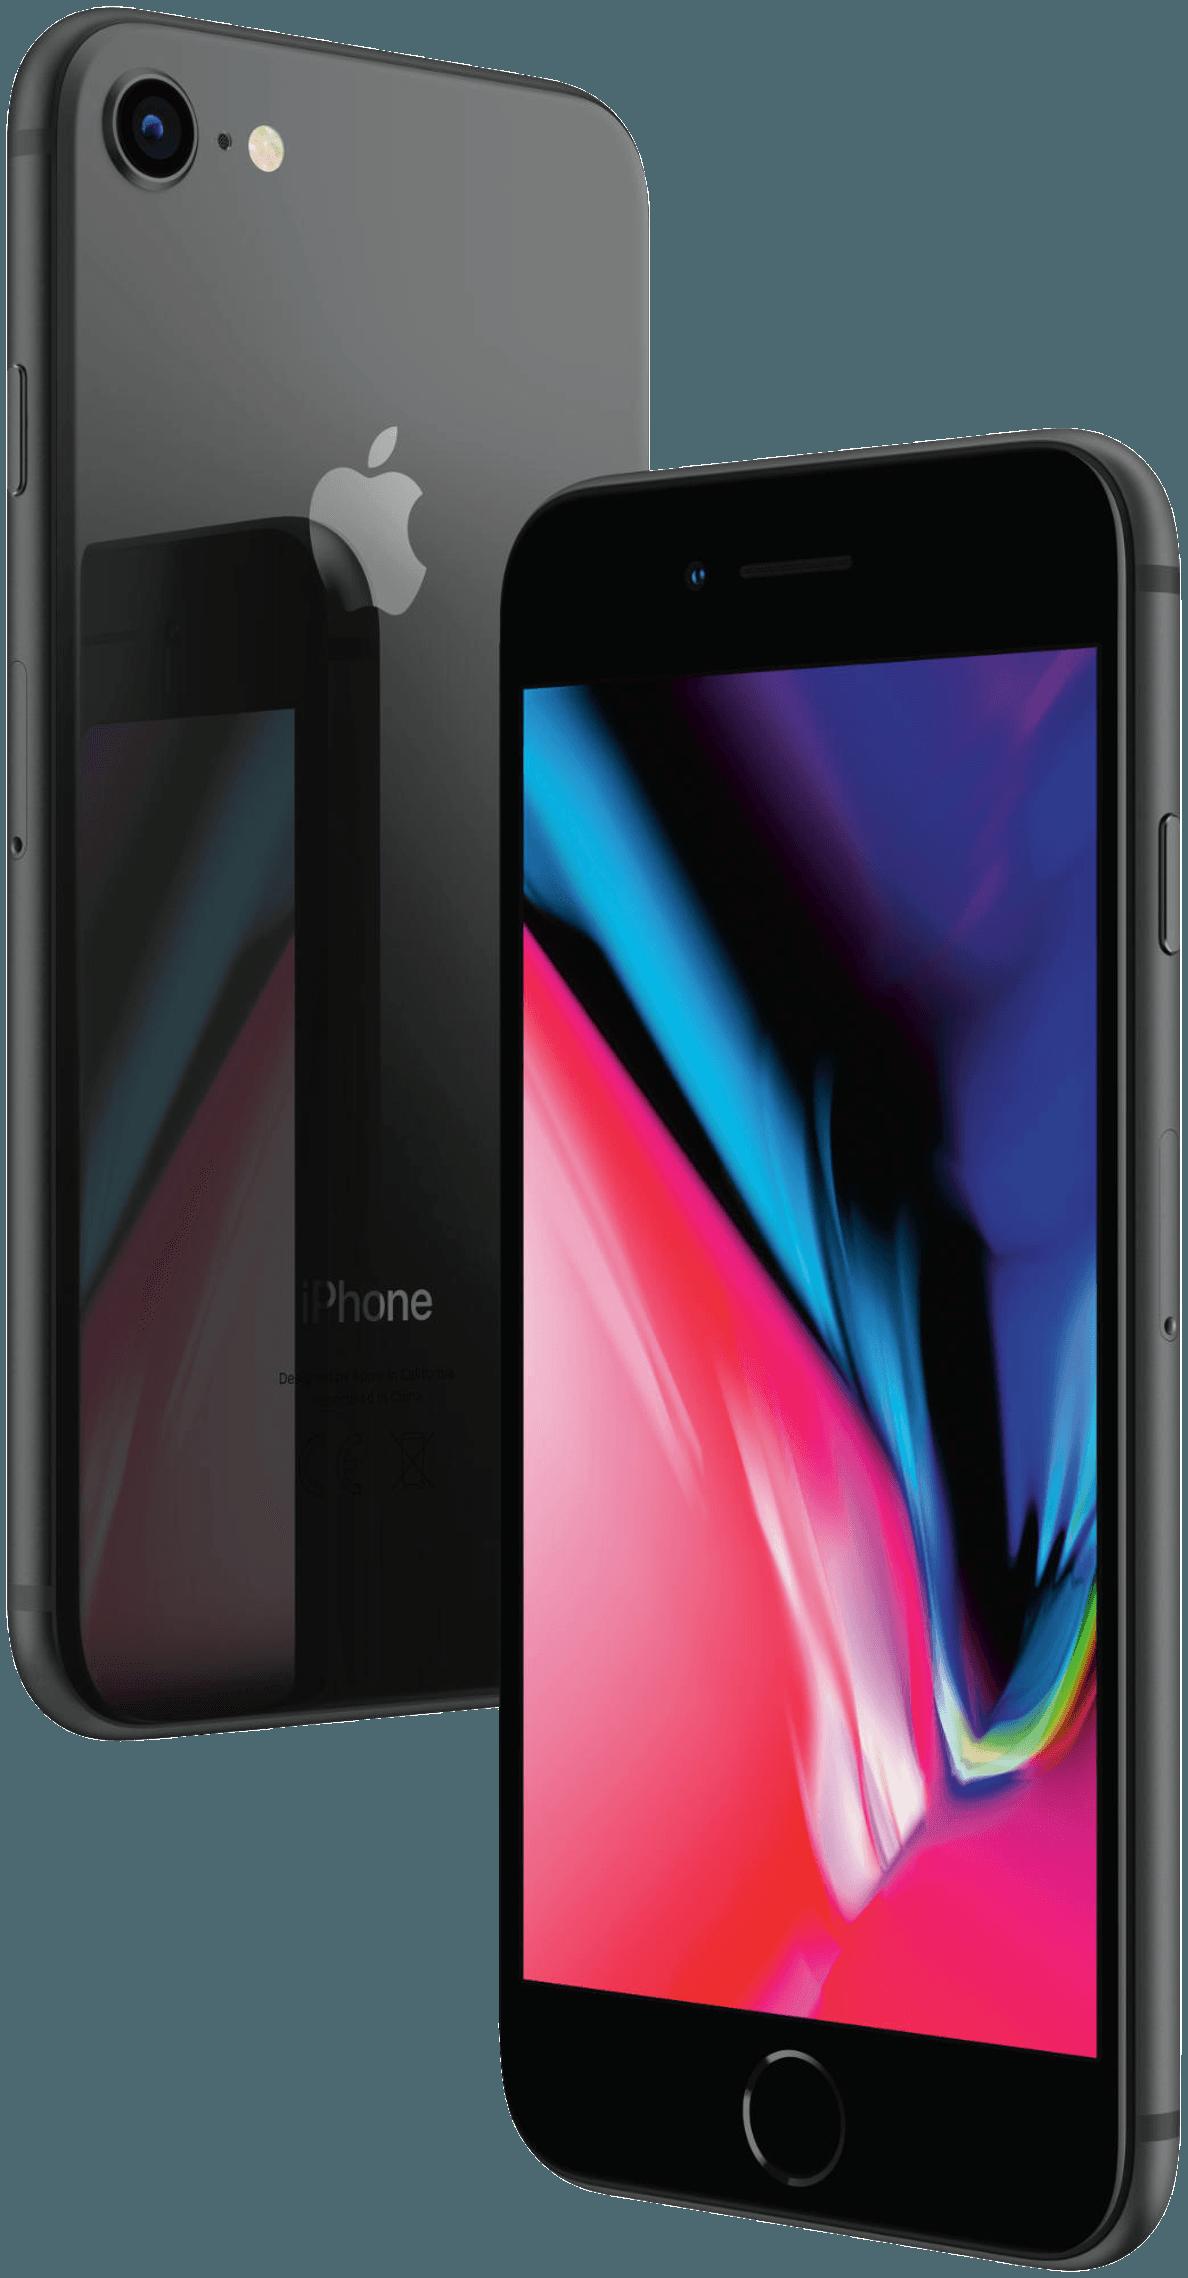 Apple Iphone 8 Smartphone 64 Gb Space Grey 00190198450975 Eine Neue Iphone Generation N N Das Iphone 8 Plus Ist Eine Neue Iphone Generation Es Mega Pixel